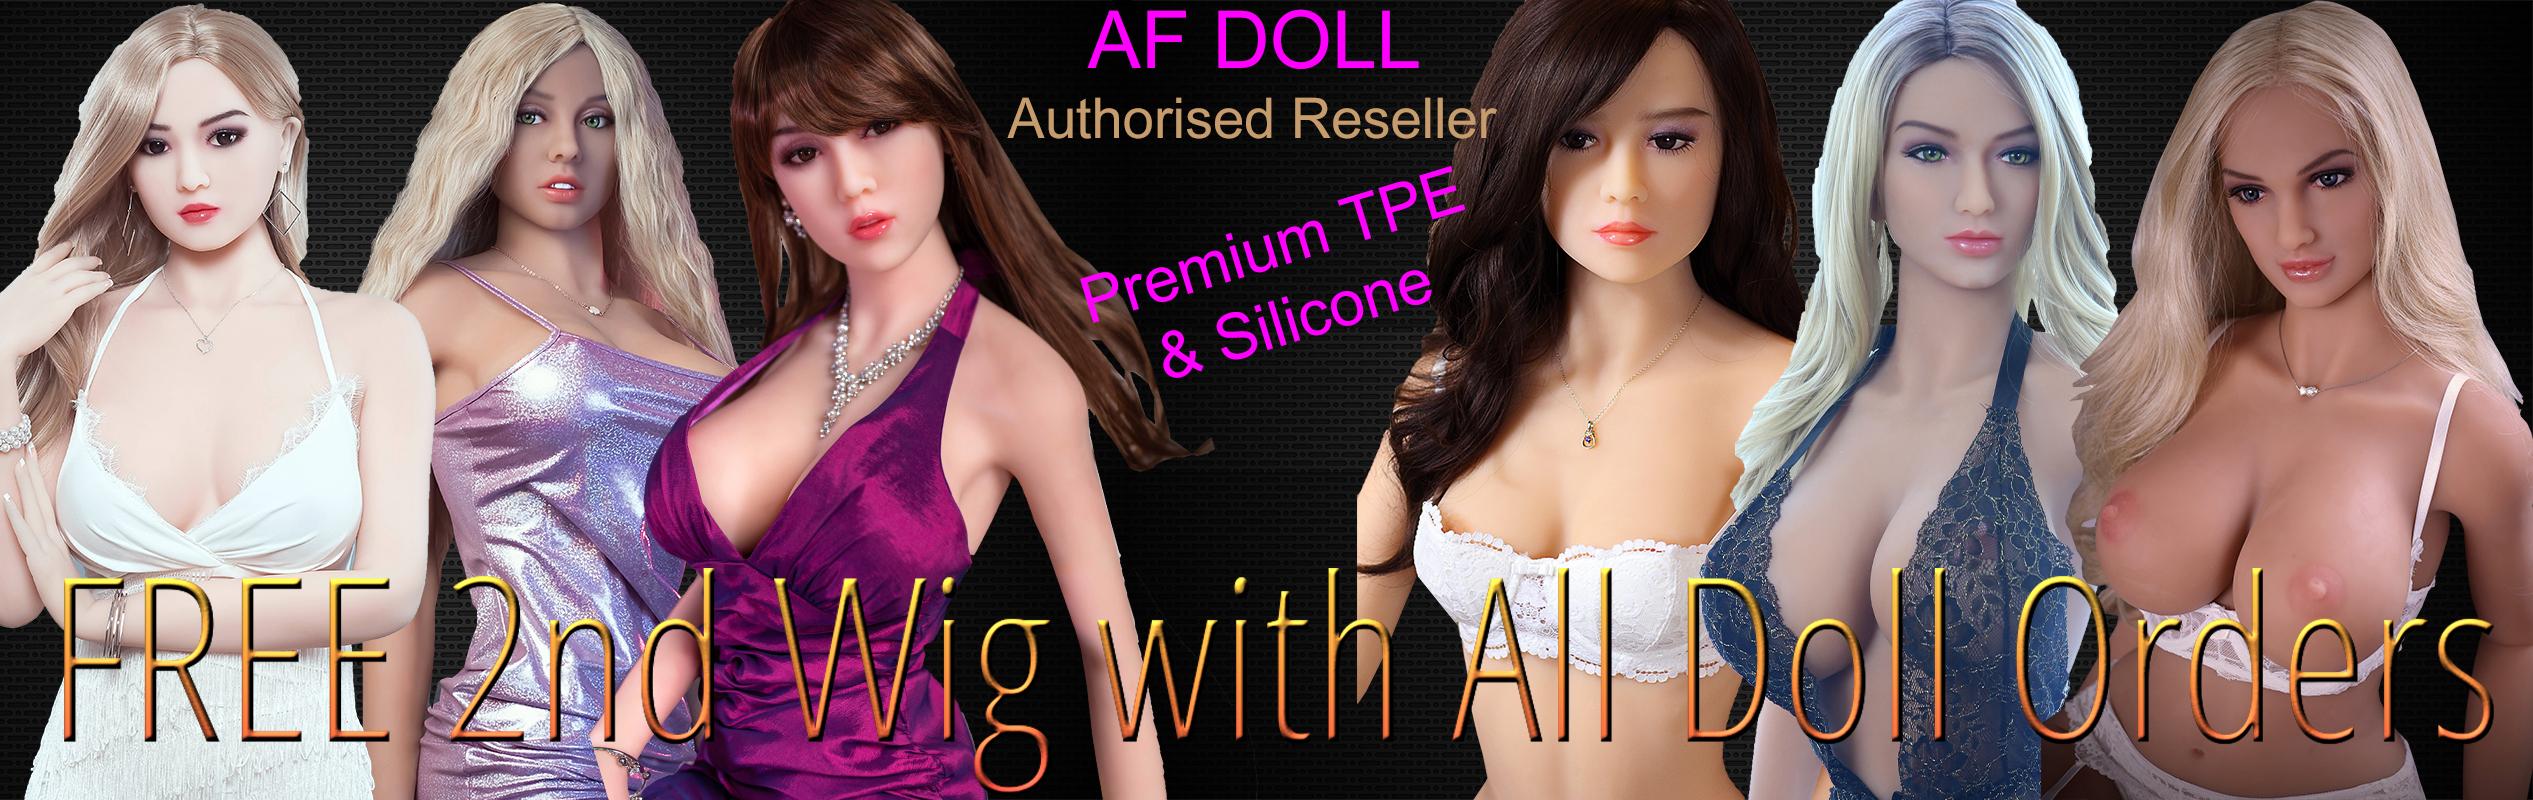 AF Dolls